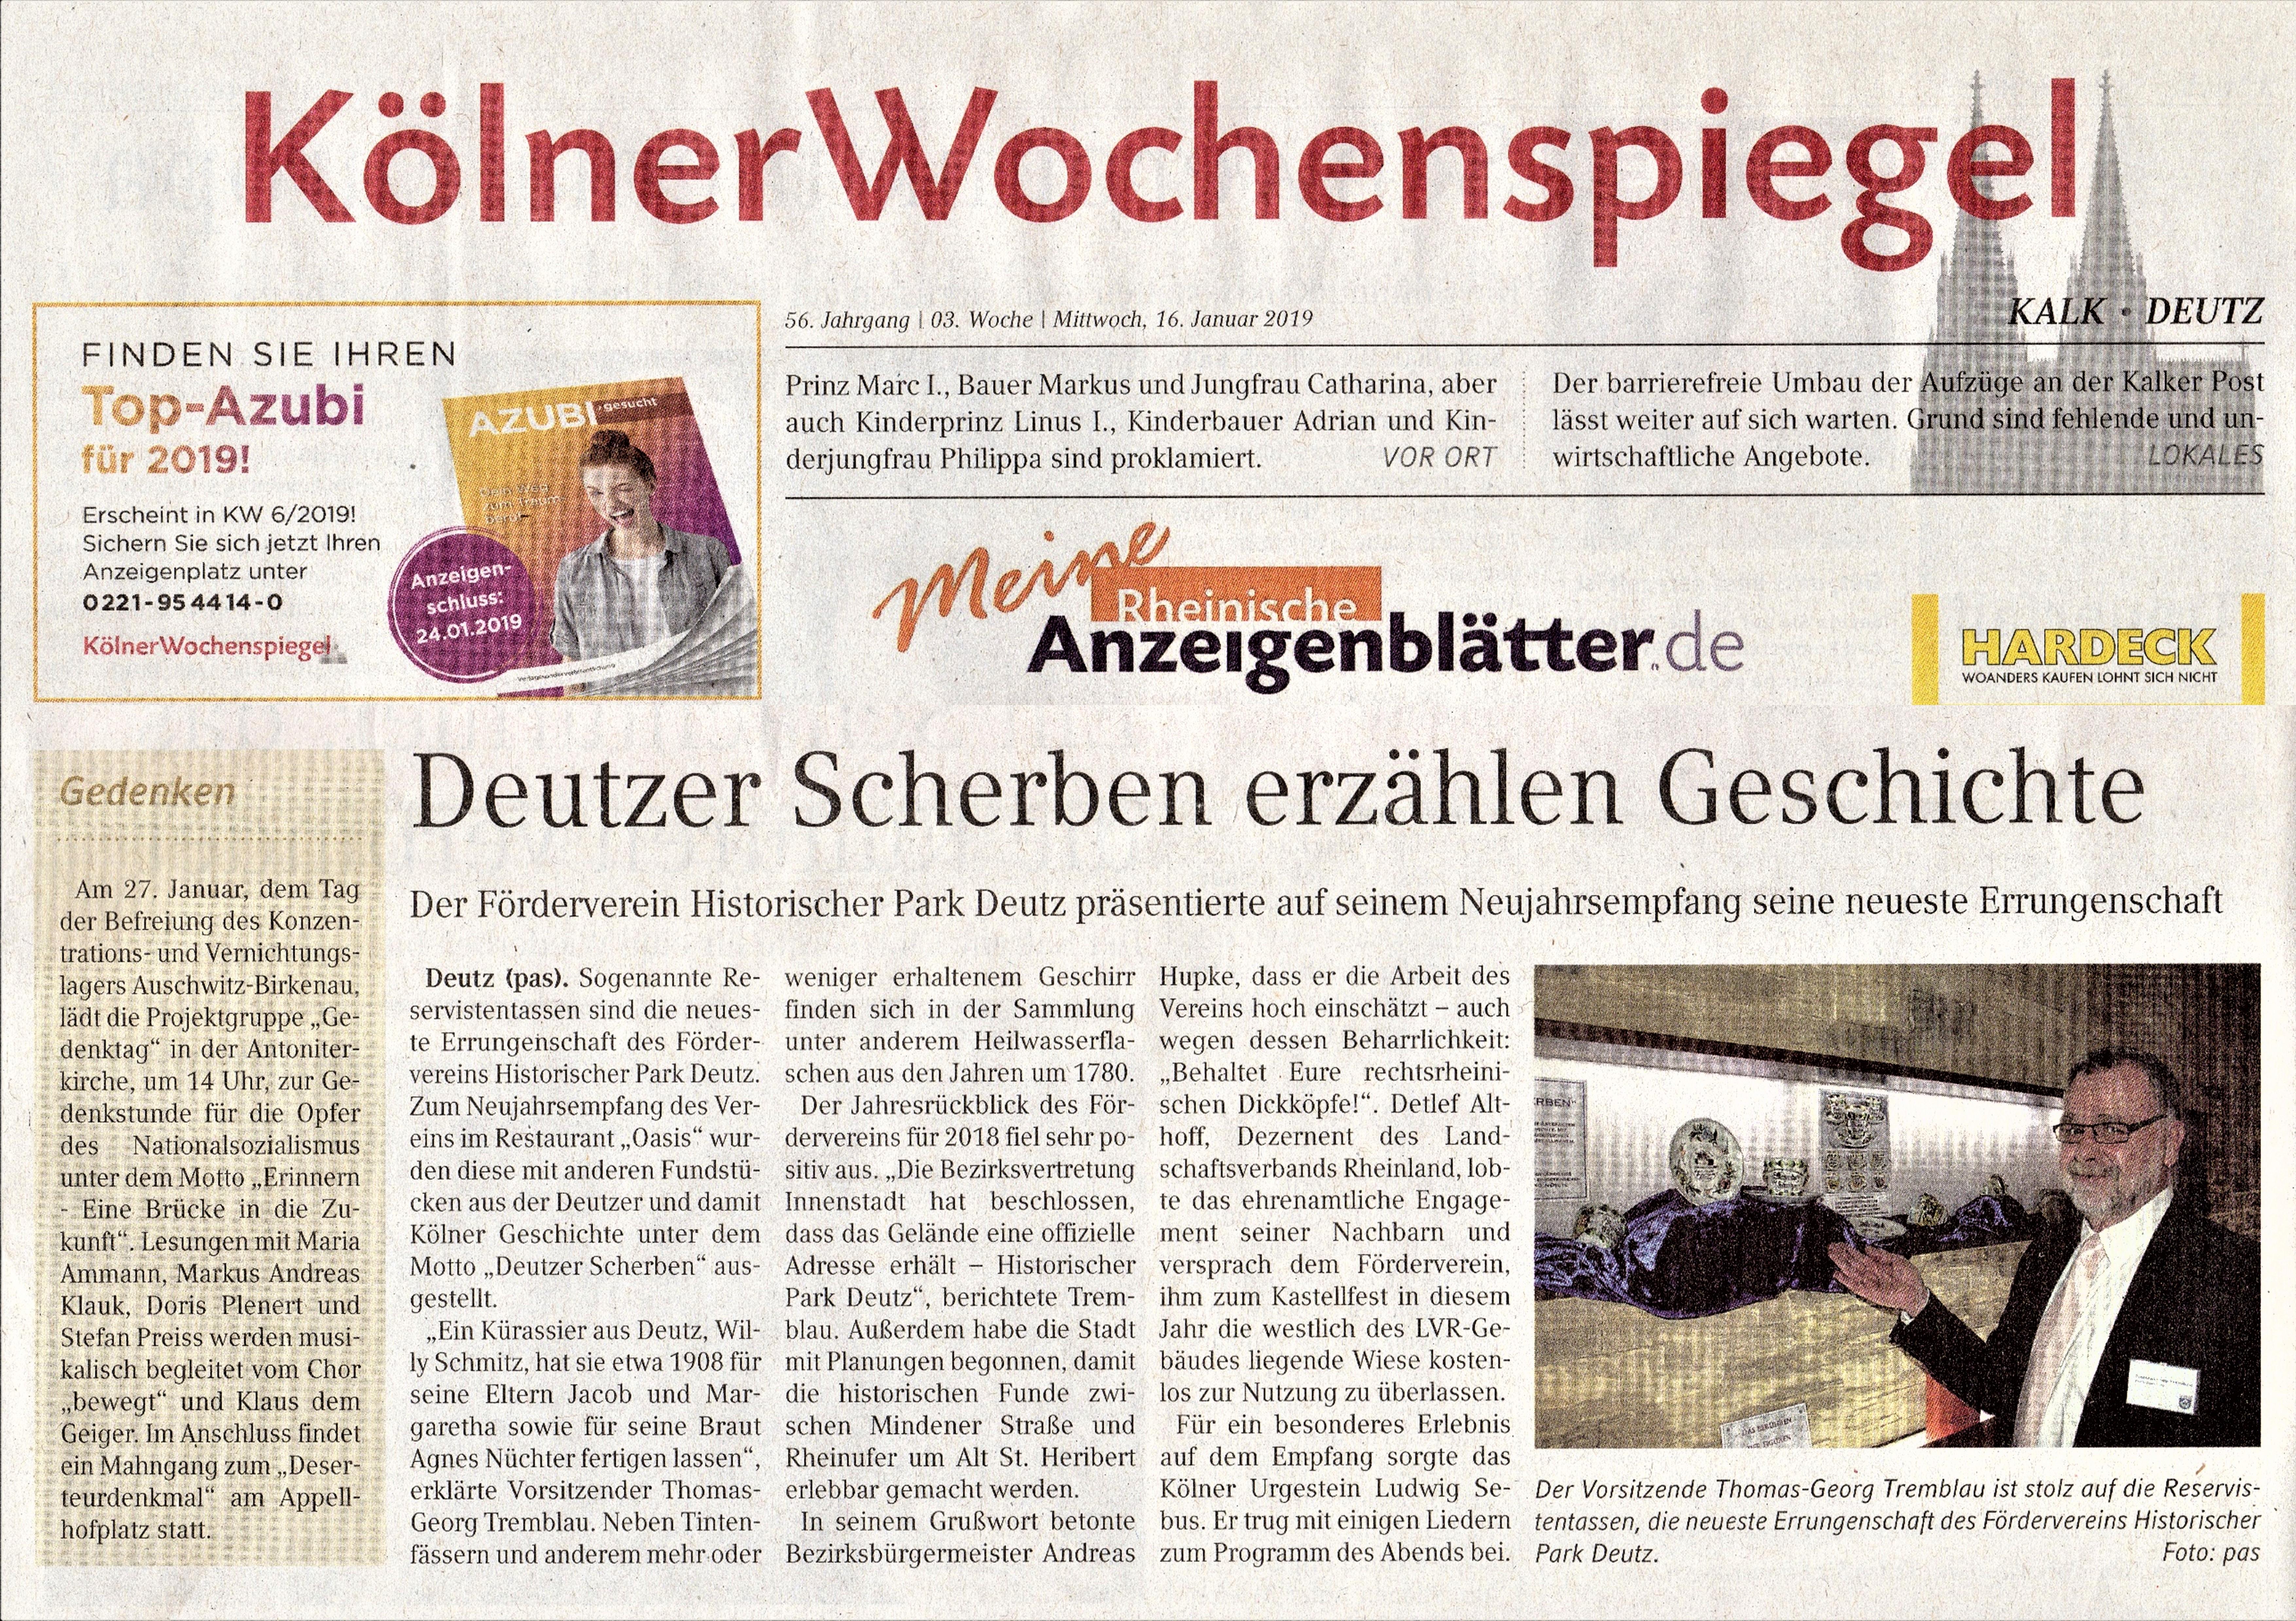 kölner wochenspiegel 16-01-2019_montage